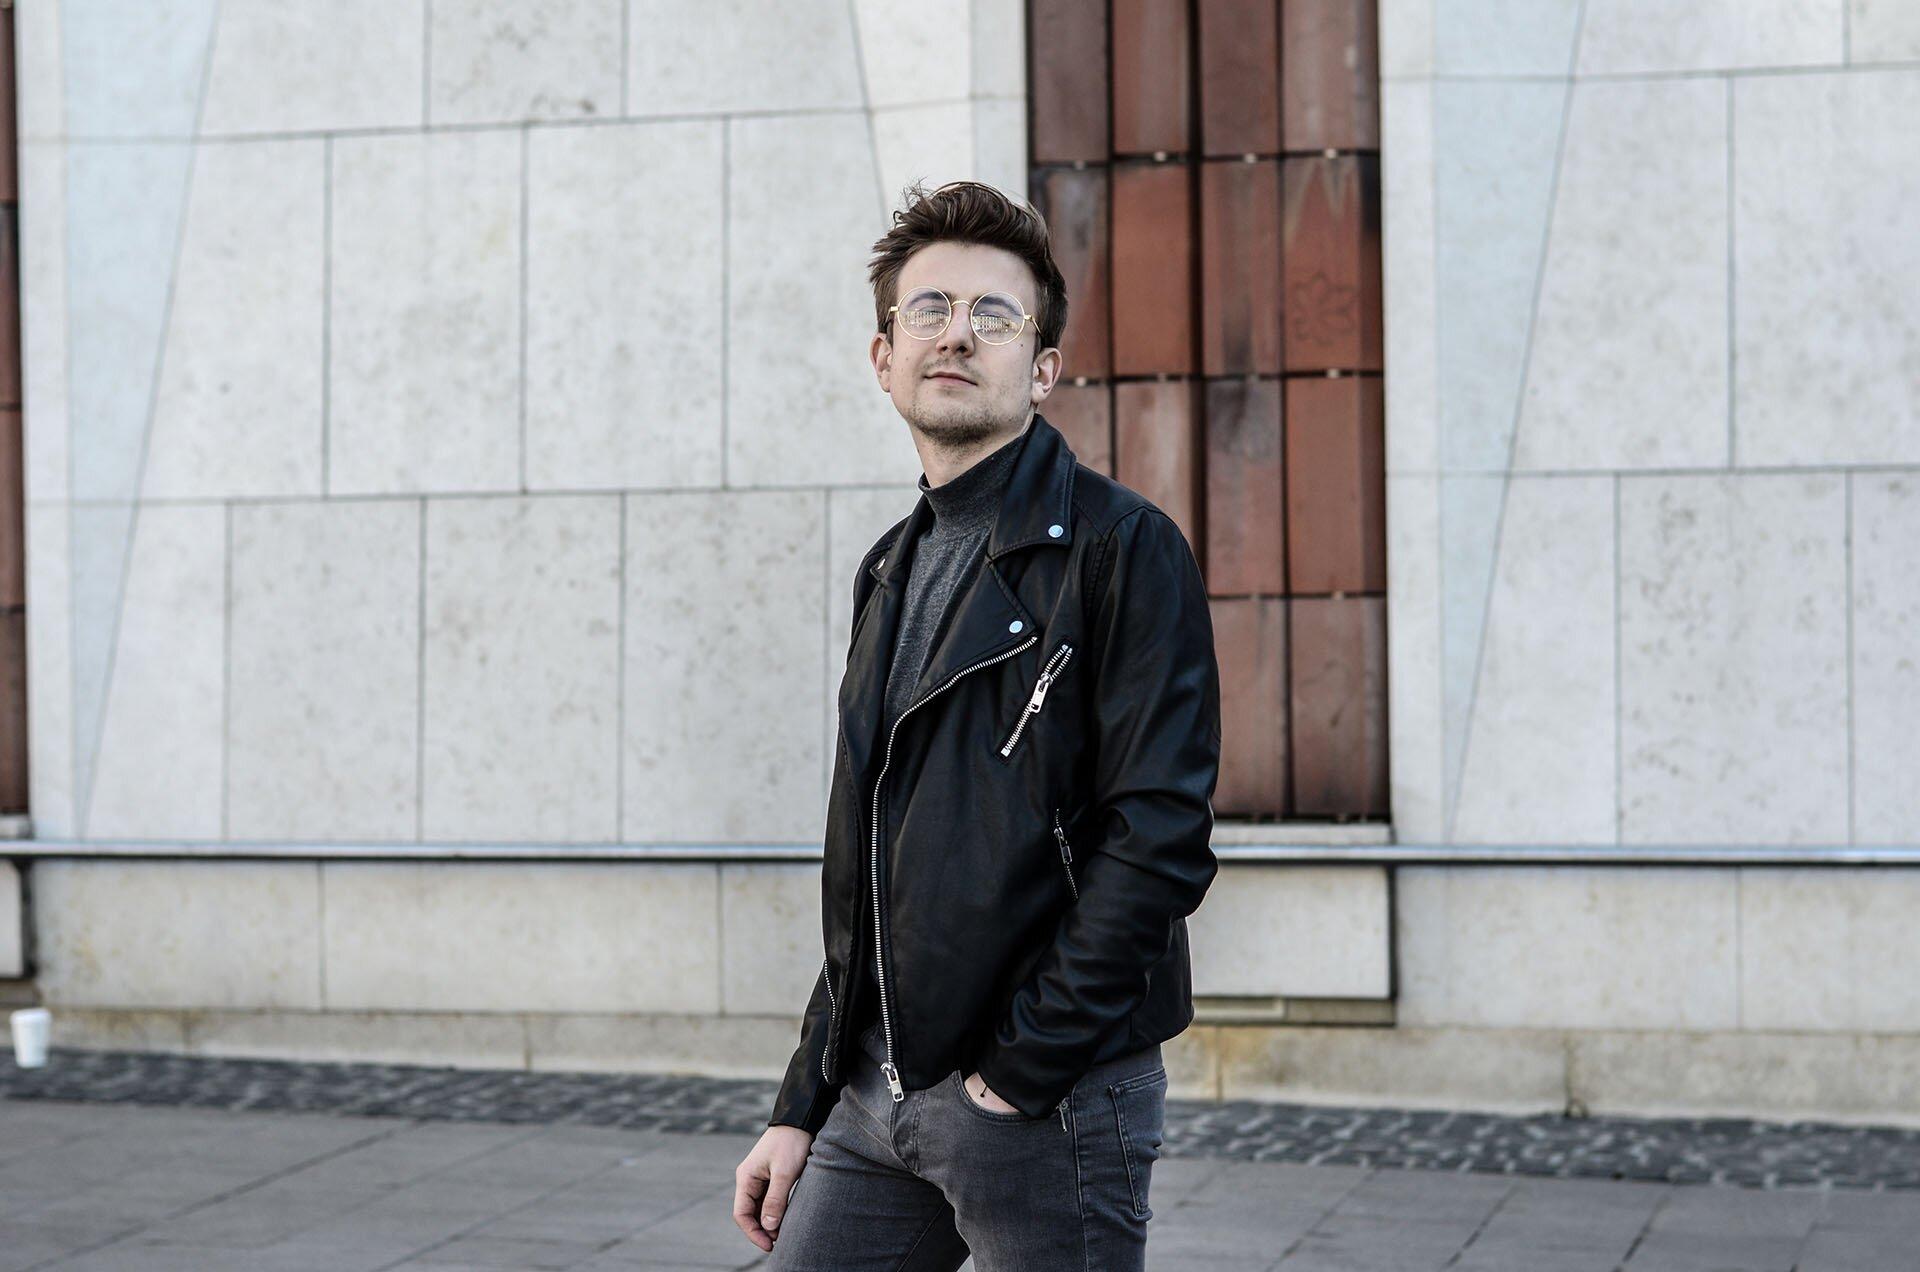 Skórzana ramoneska męska, złote okulary męskie, golf, GMALE, Grzegorz Paliś, Blog moda męska